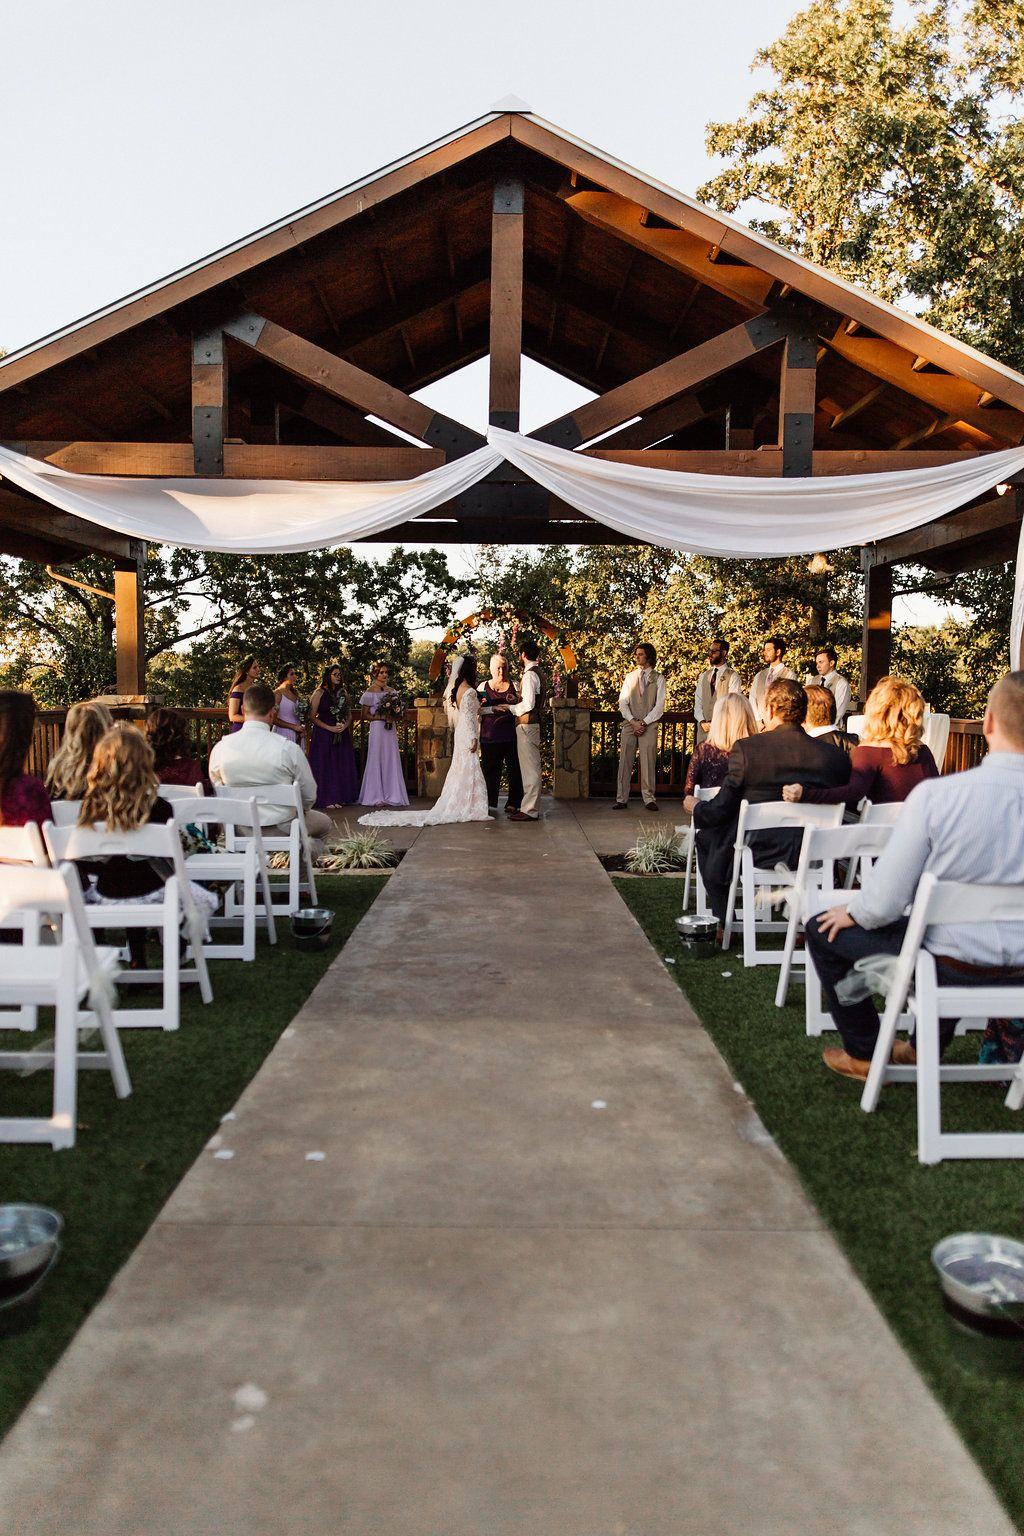 Tulsa Wedding Venue Springs Venue Oklahoma Wedding Venues Ranch Wedding Venue Pavilion Wedding Ceremony